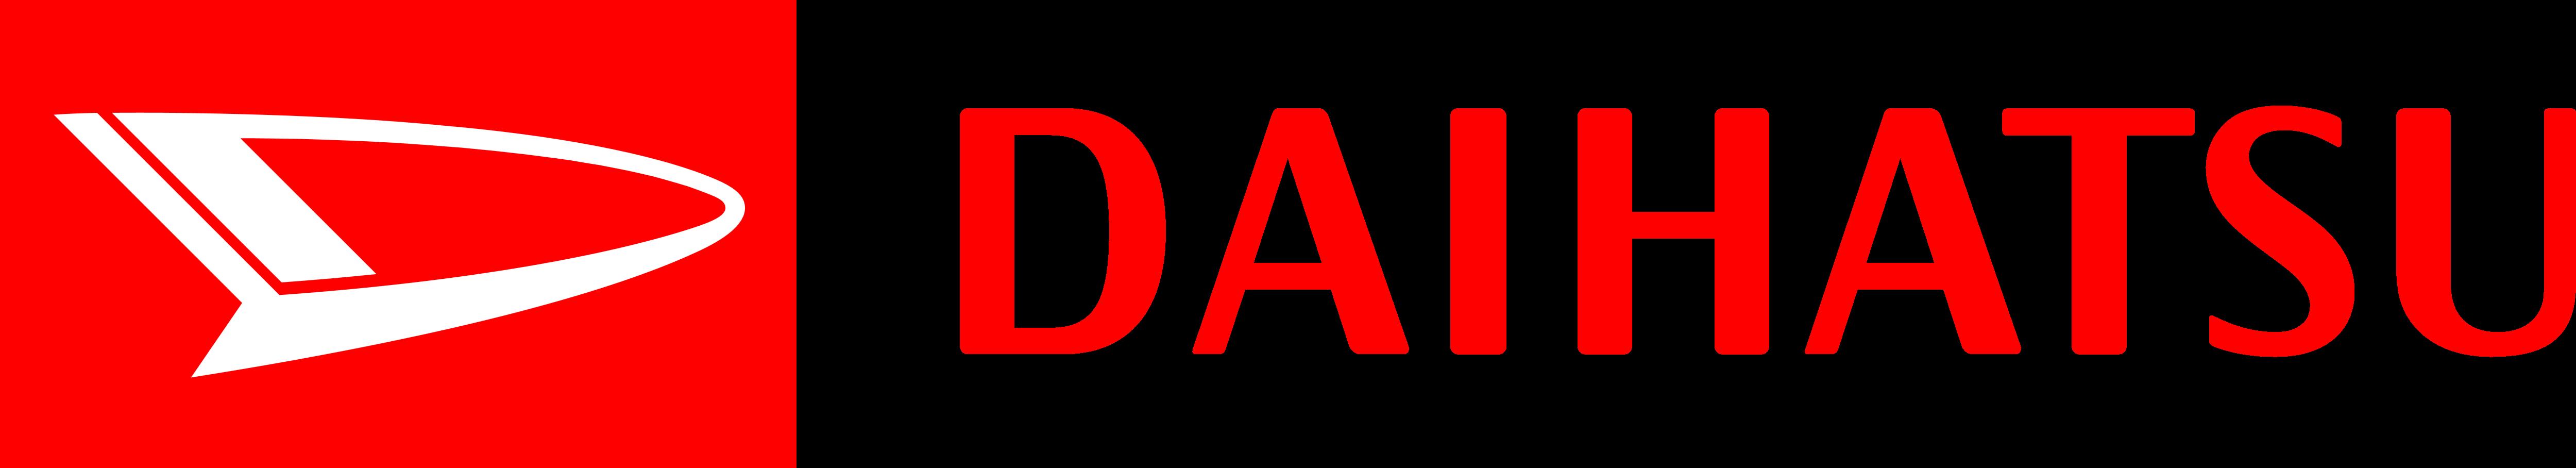 Daihatsu Logos Download